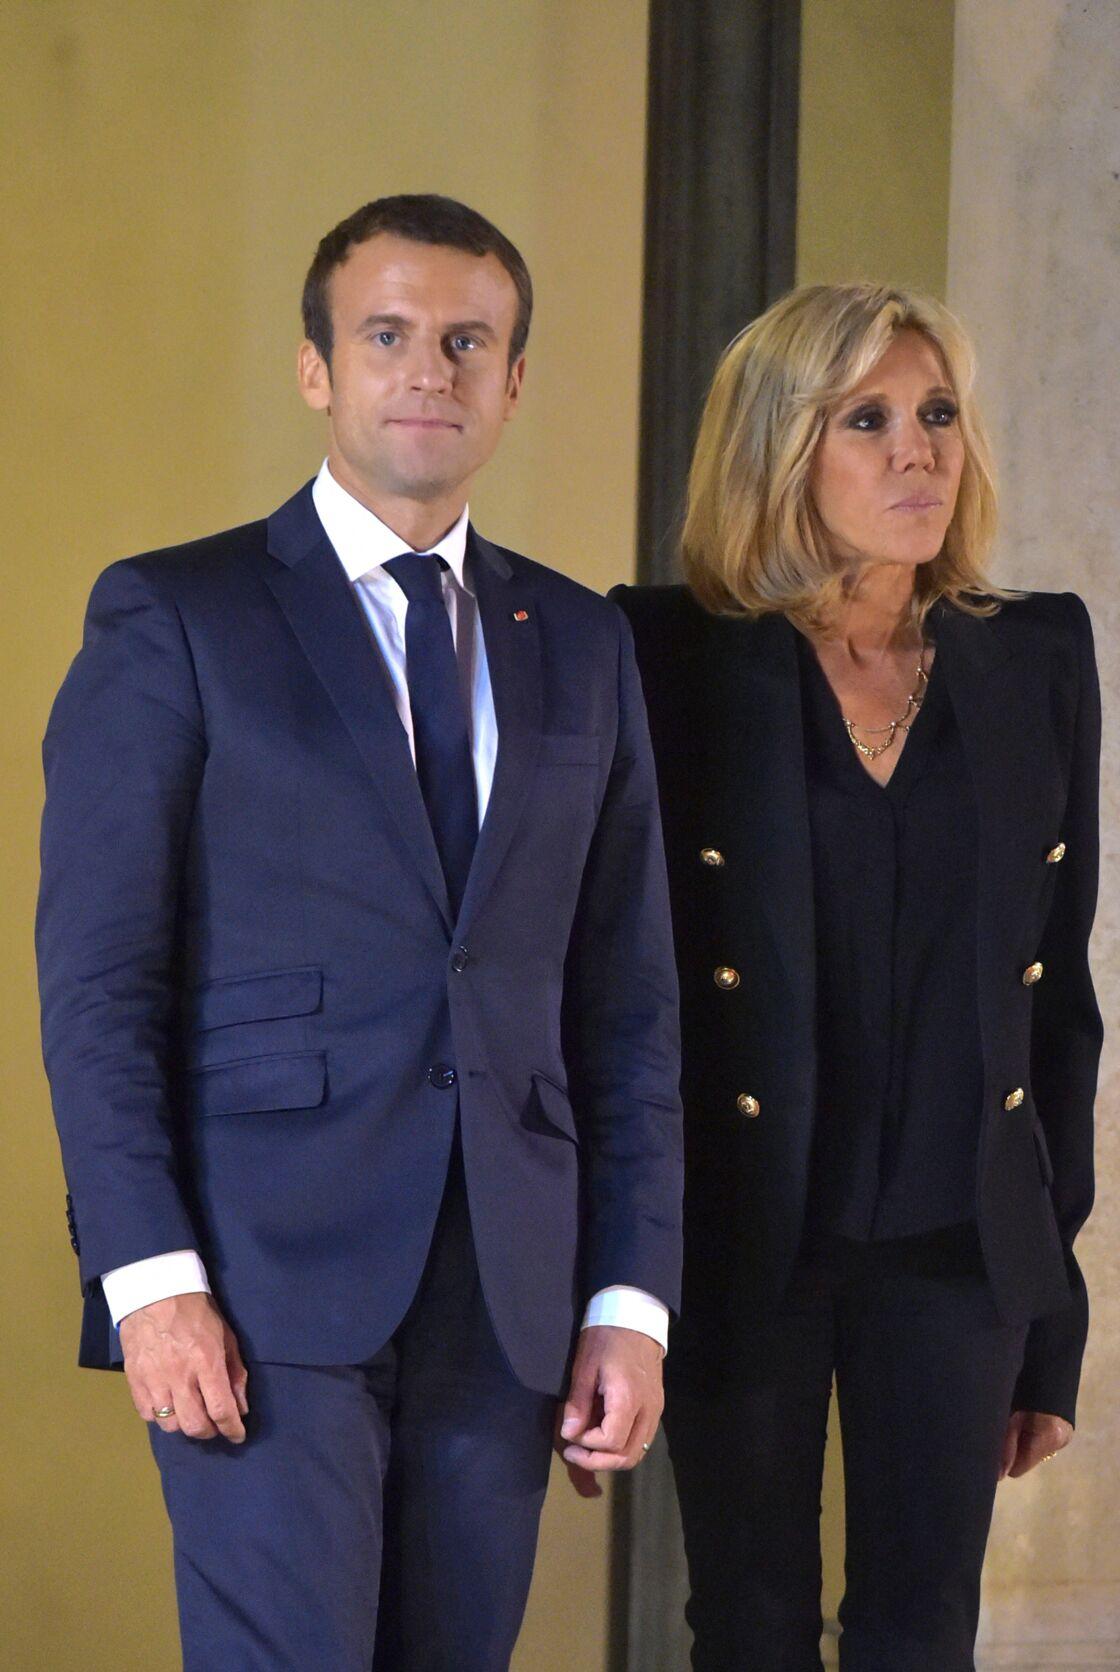 Dans les moments difficiles, Brigitte Macron a toujours pu compter sur le soutien du président, qui n'a pas hésité à monter au créneau pour la défendre.